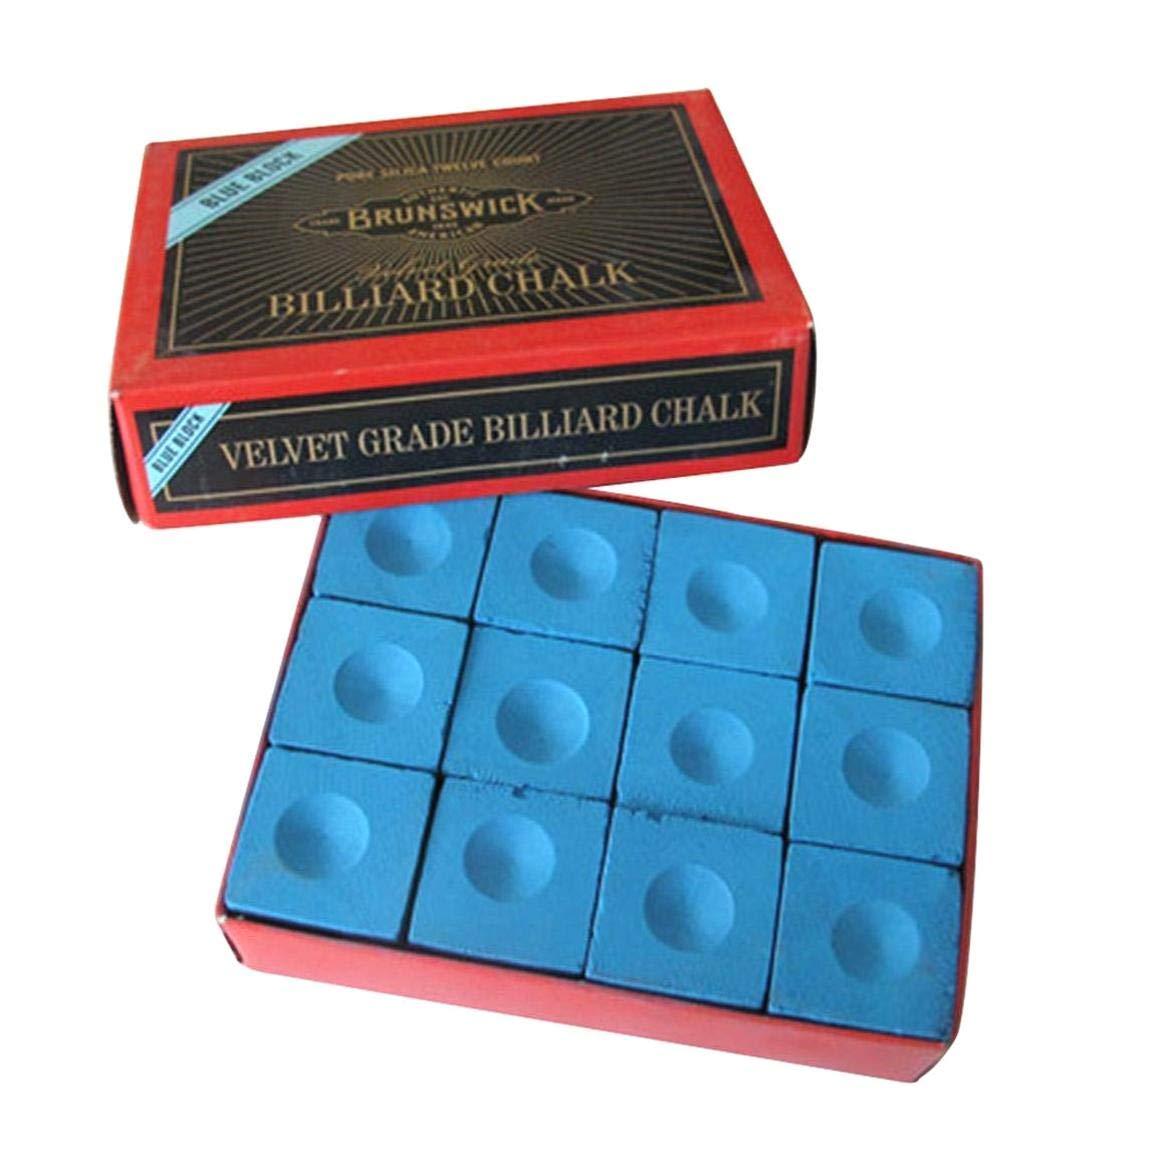 AYUN - Caja de Tiza para Tacos de Billar, Color Azul: Amazon.es: Hogar